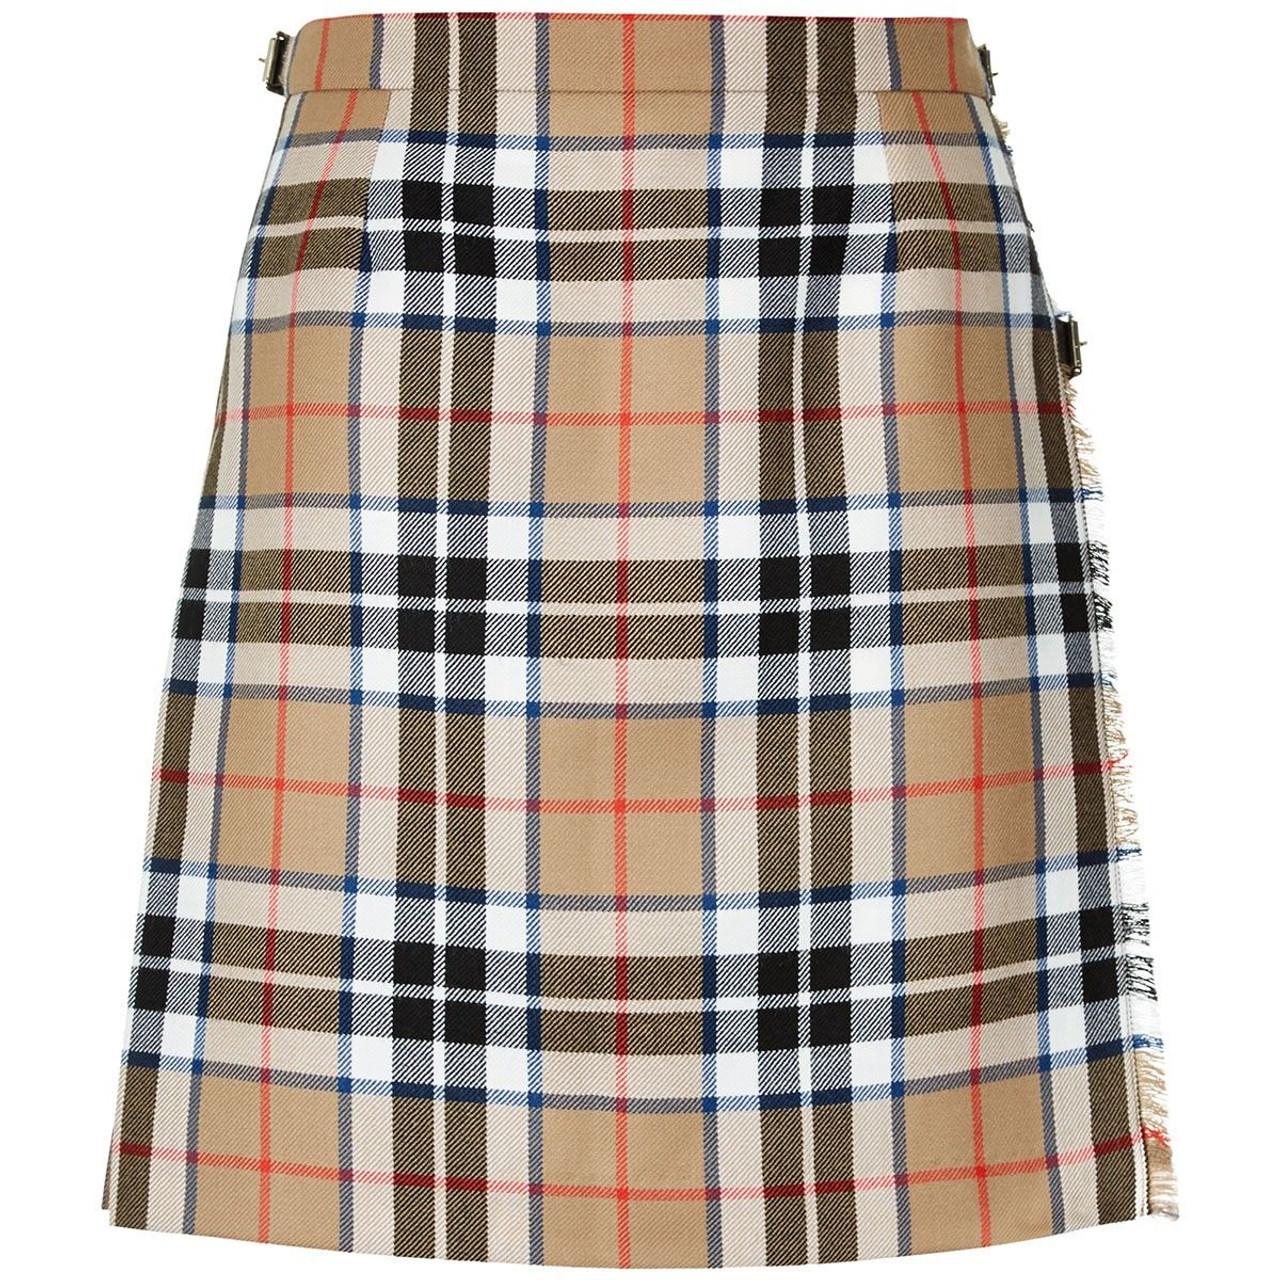 Mini Kilted Skirt